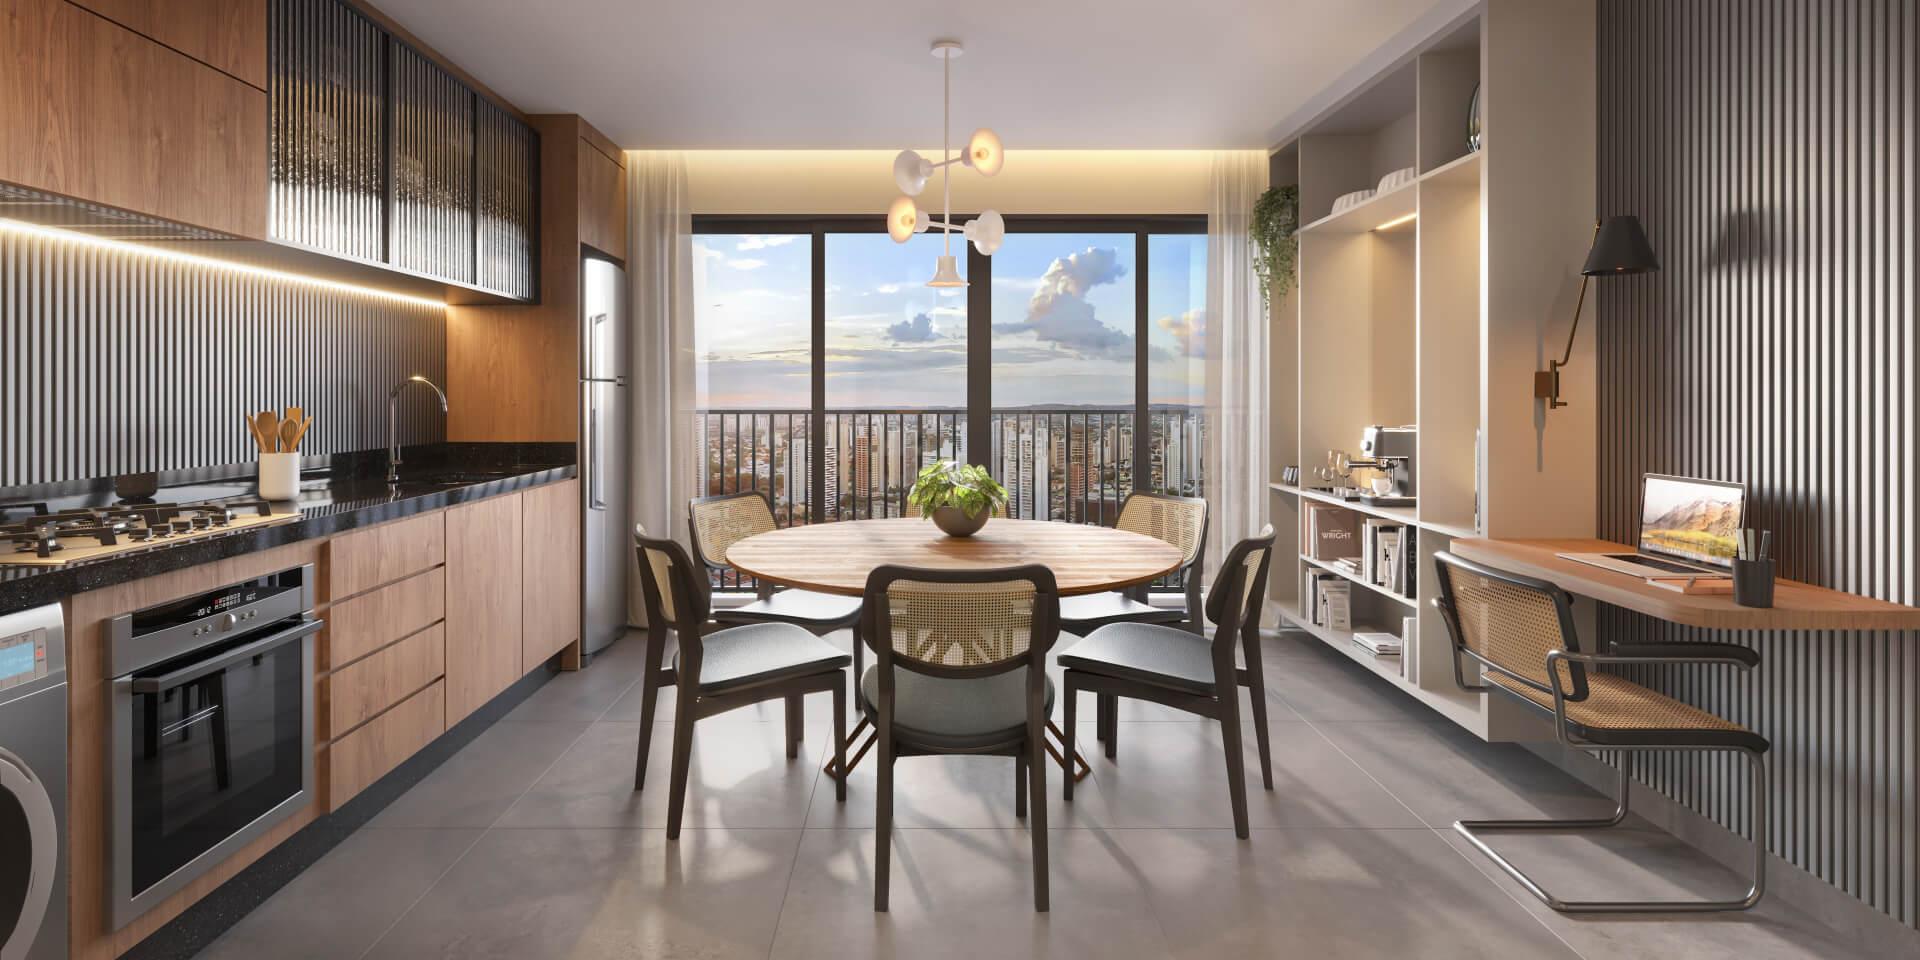 LIVING do apto 67 m² que faz integração com a cozinha proporcionando uma configuração funcional na qual todos os ambientes recebem luz natural.